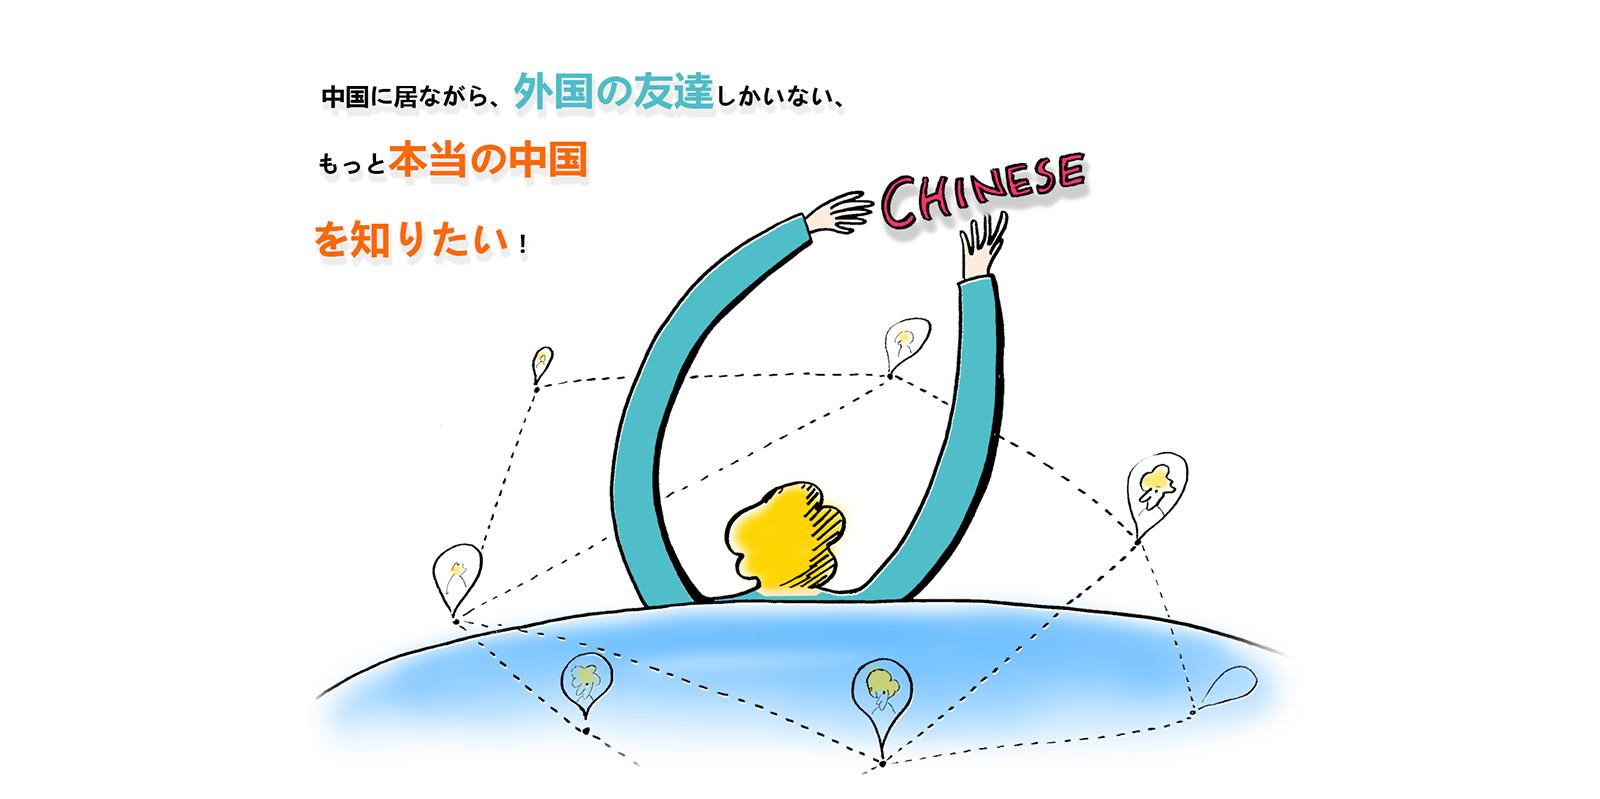 中国に居ながら、外国の友達しかいない、もっと本当の中国を知りたい!-小游瓶的画廊